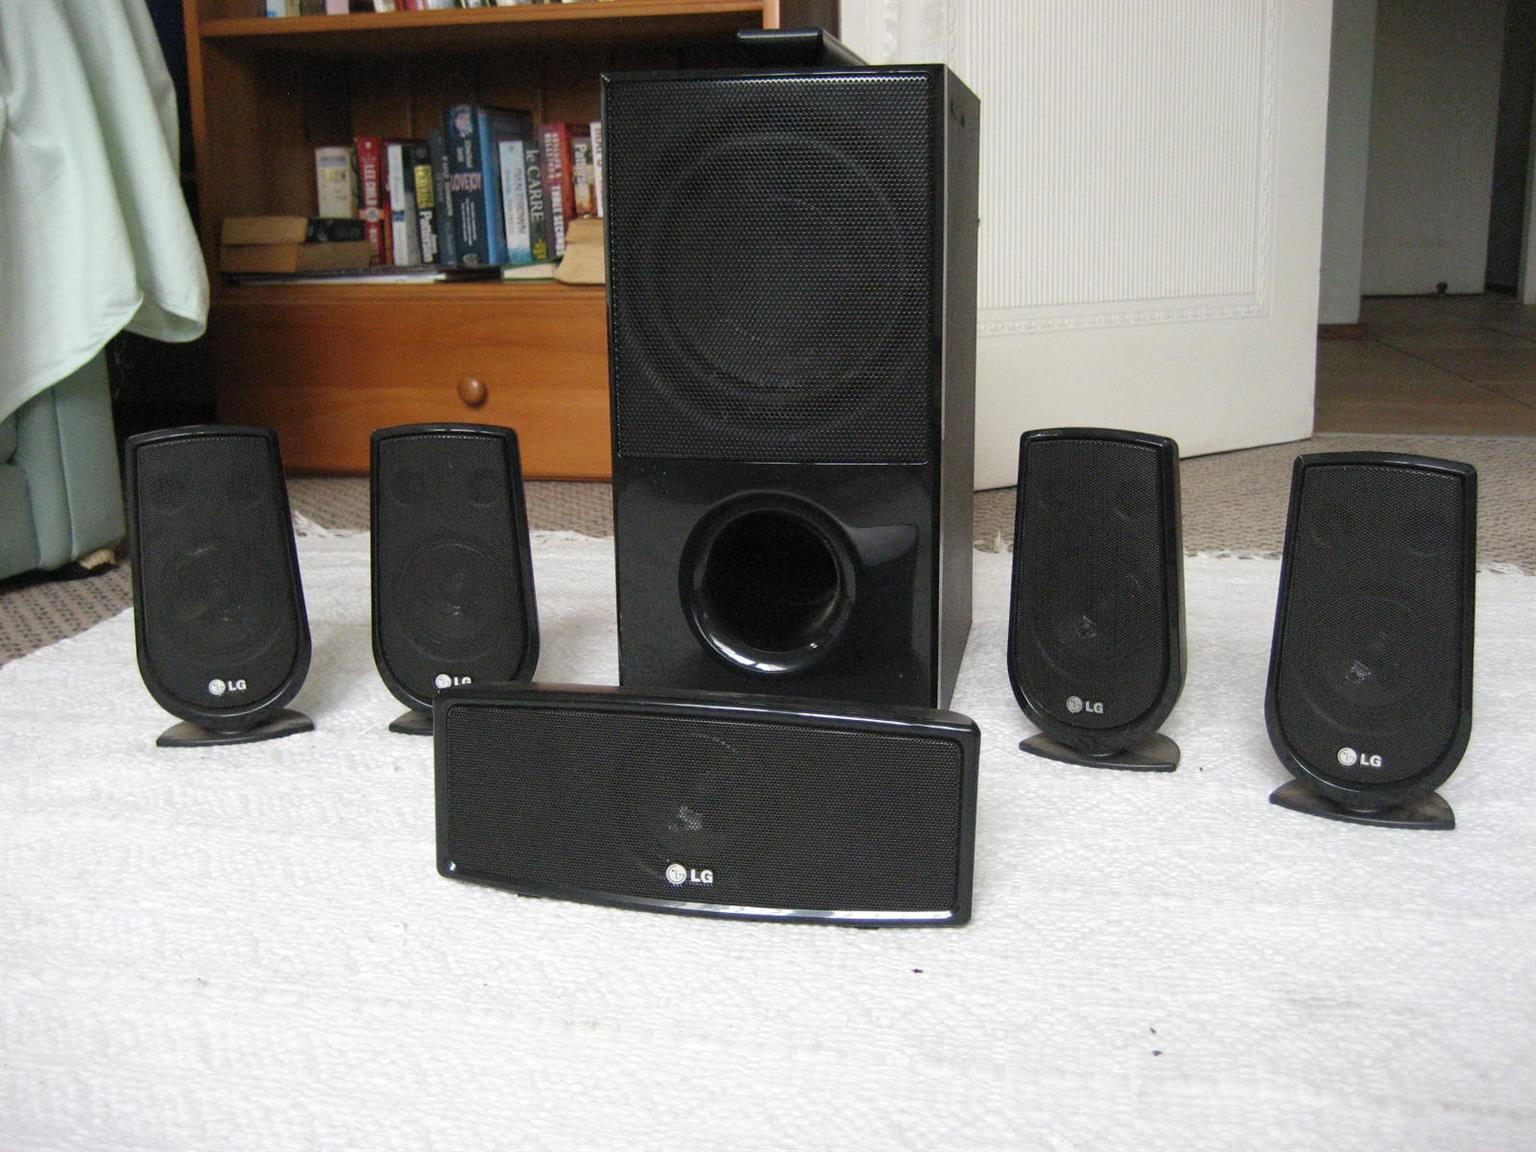 5.1 Surround sound speakers